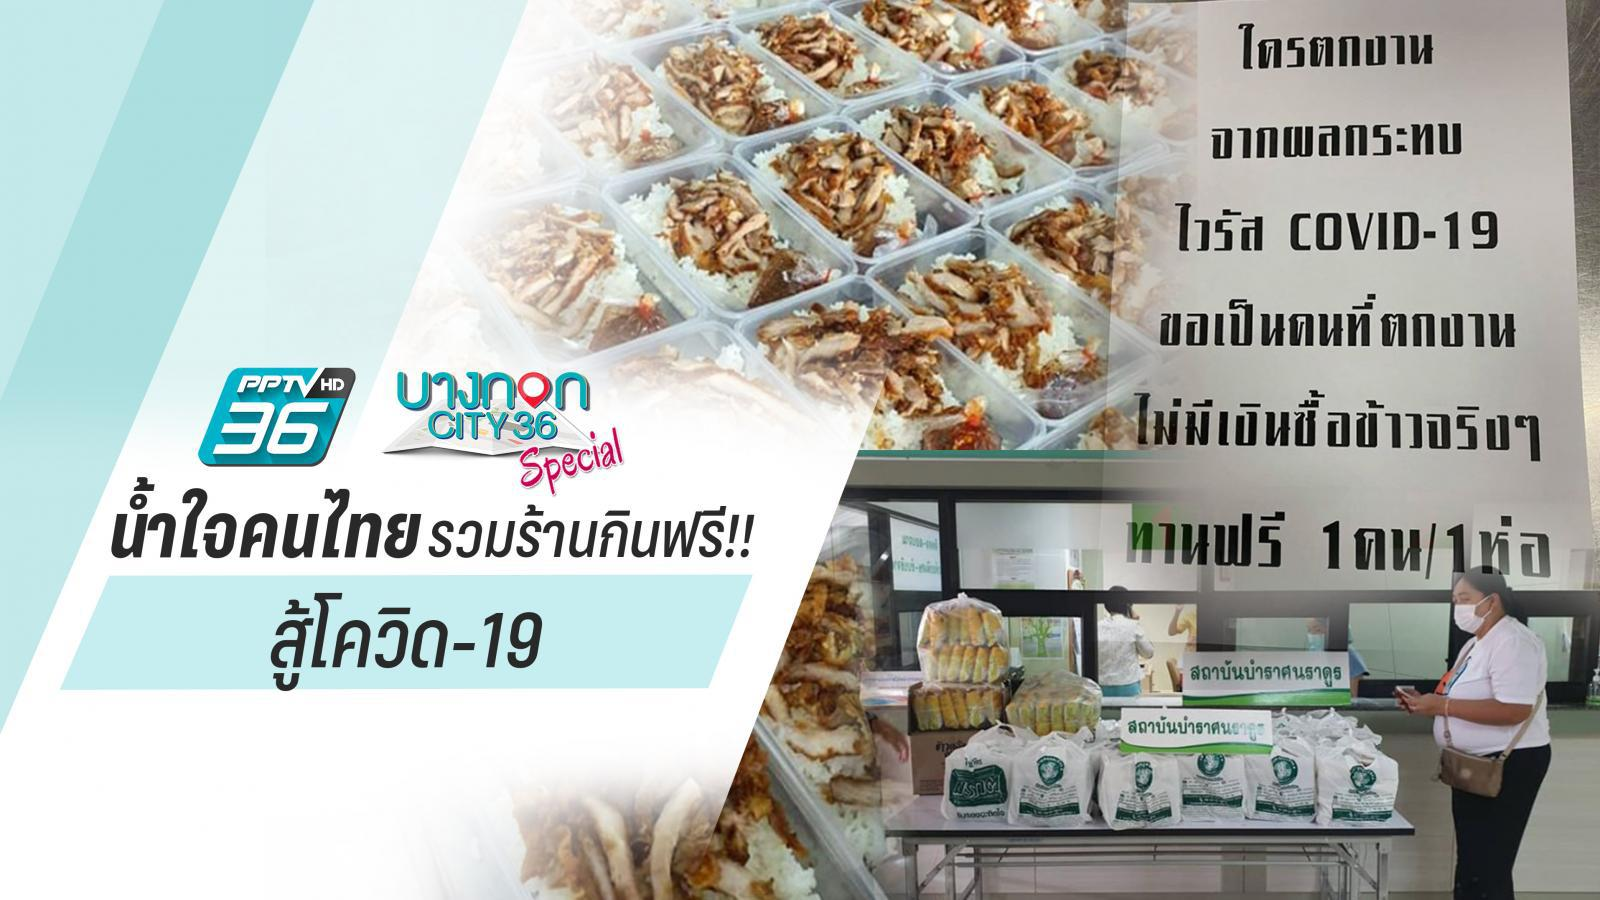 น้ำใจคนไทย รวมร้านกินฟรี !! สู้โควิด-19